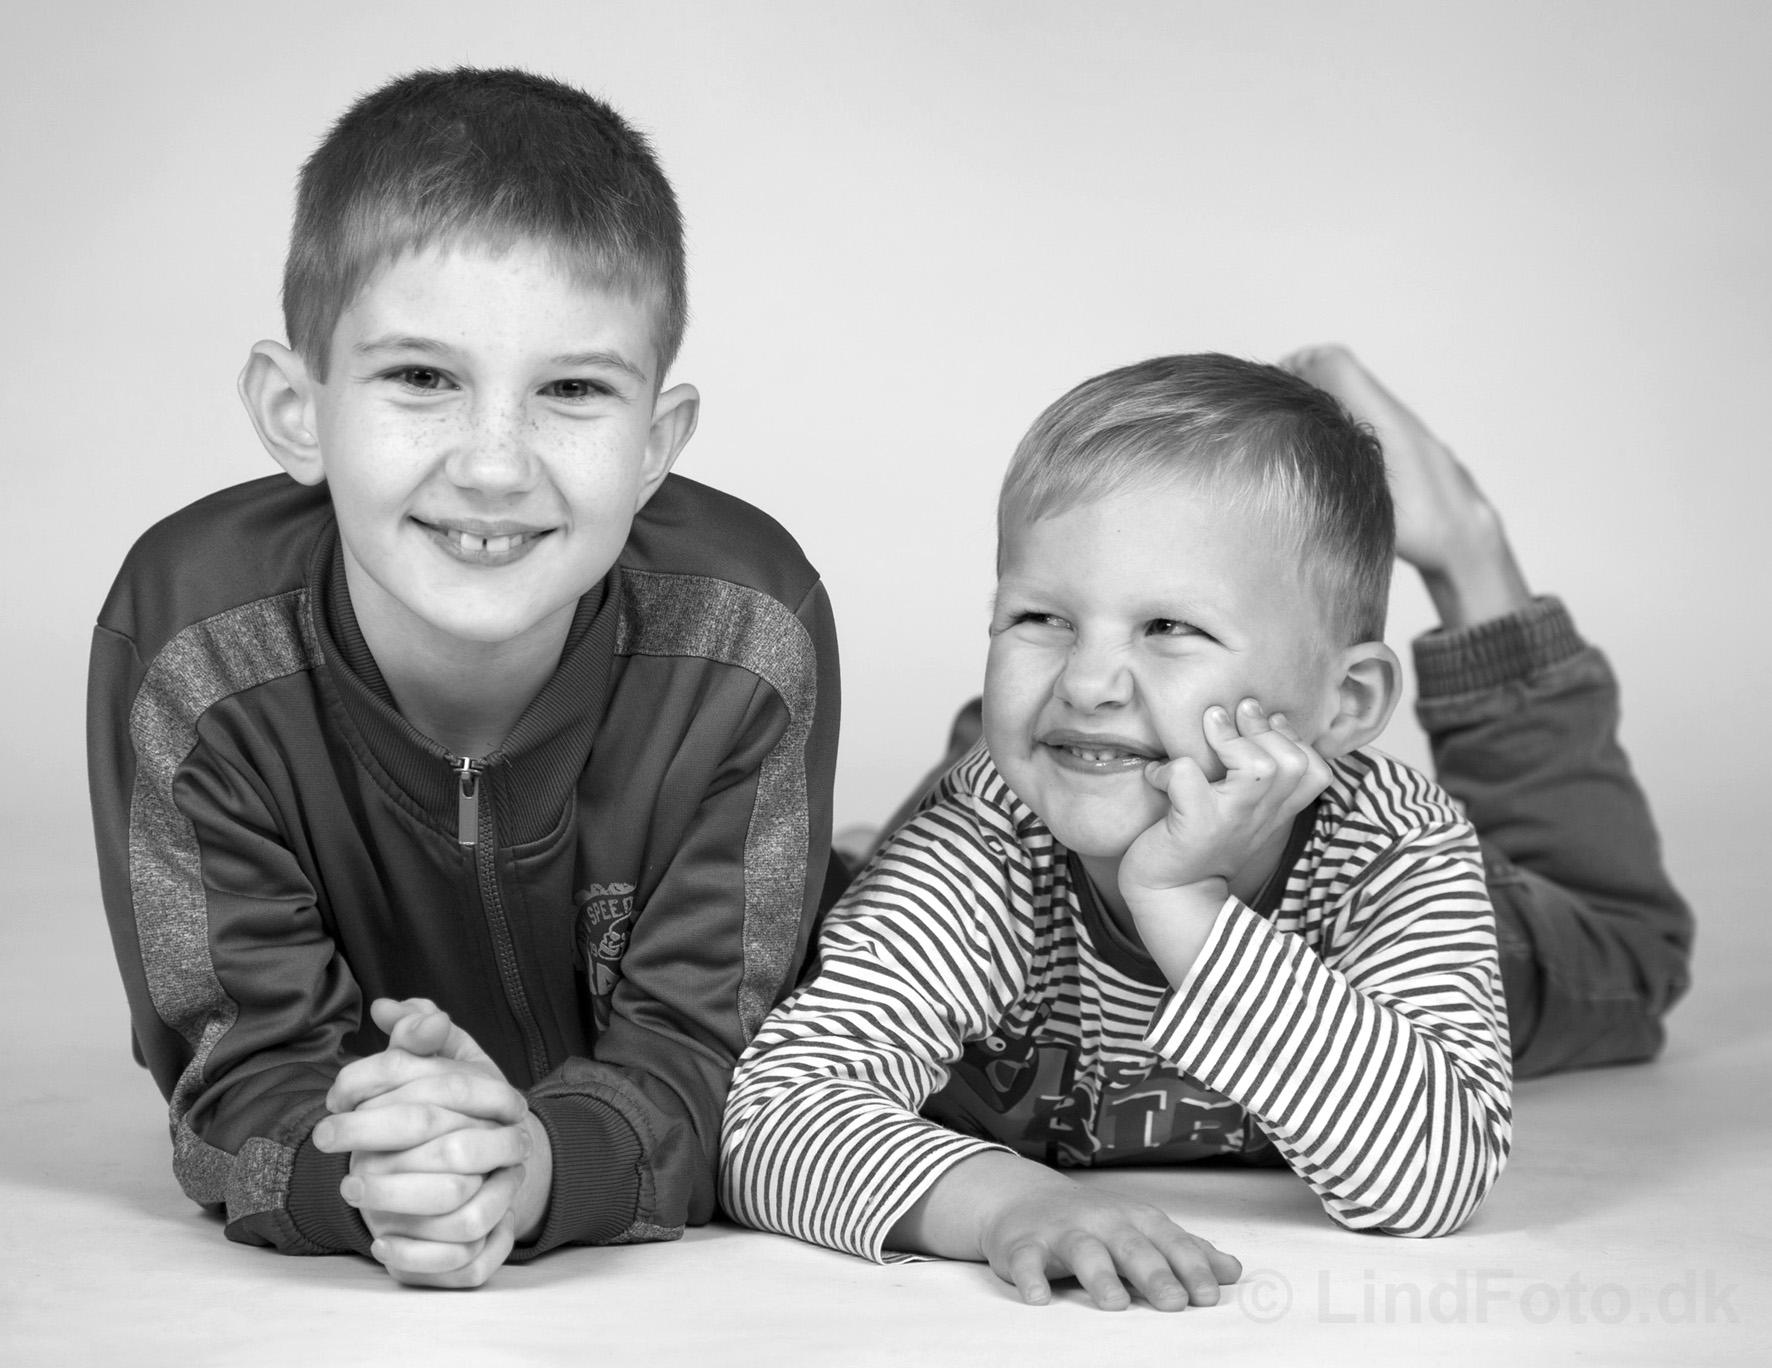 Børnefotograf - 2 drenge i sort-hvid